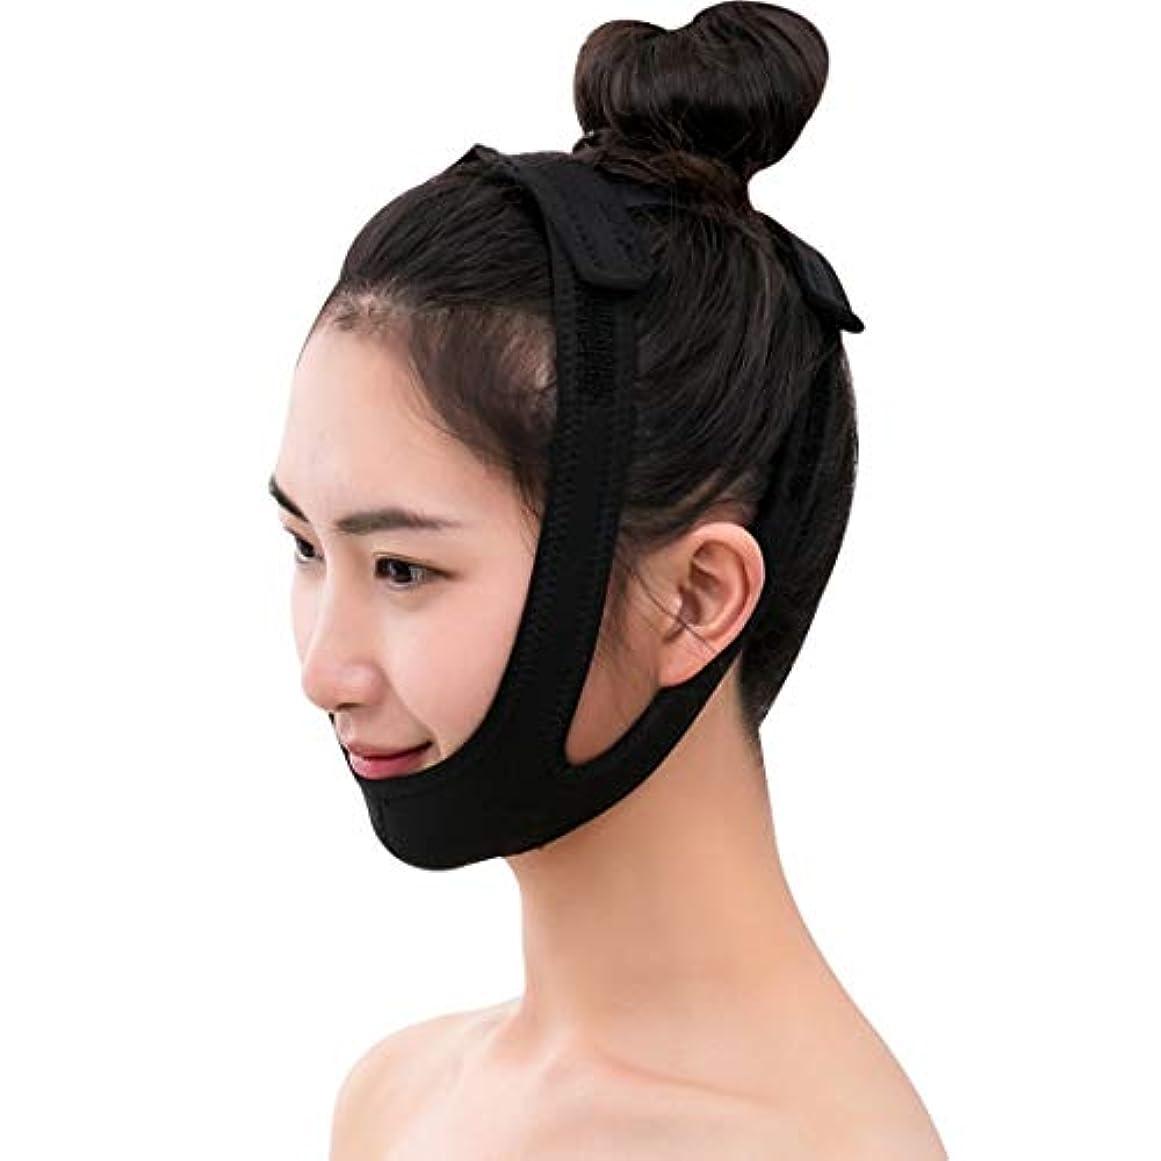 機知に富んだ中性税金ZWBD フェイスマスク, フェイスリフティング包帯マスク小さなVフェイス包帯はツールで引くことができます睡眠薄い顔の顔の持ち上がる美顔のマッサージ調整可能なサイズブラック